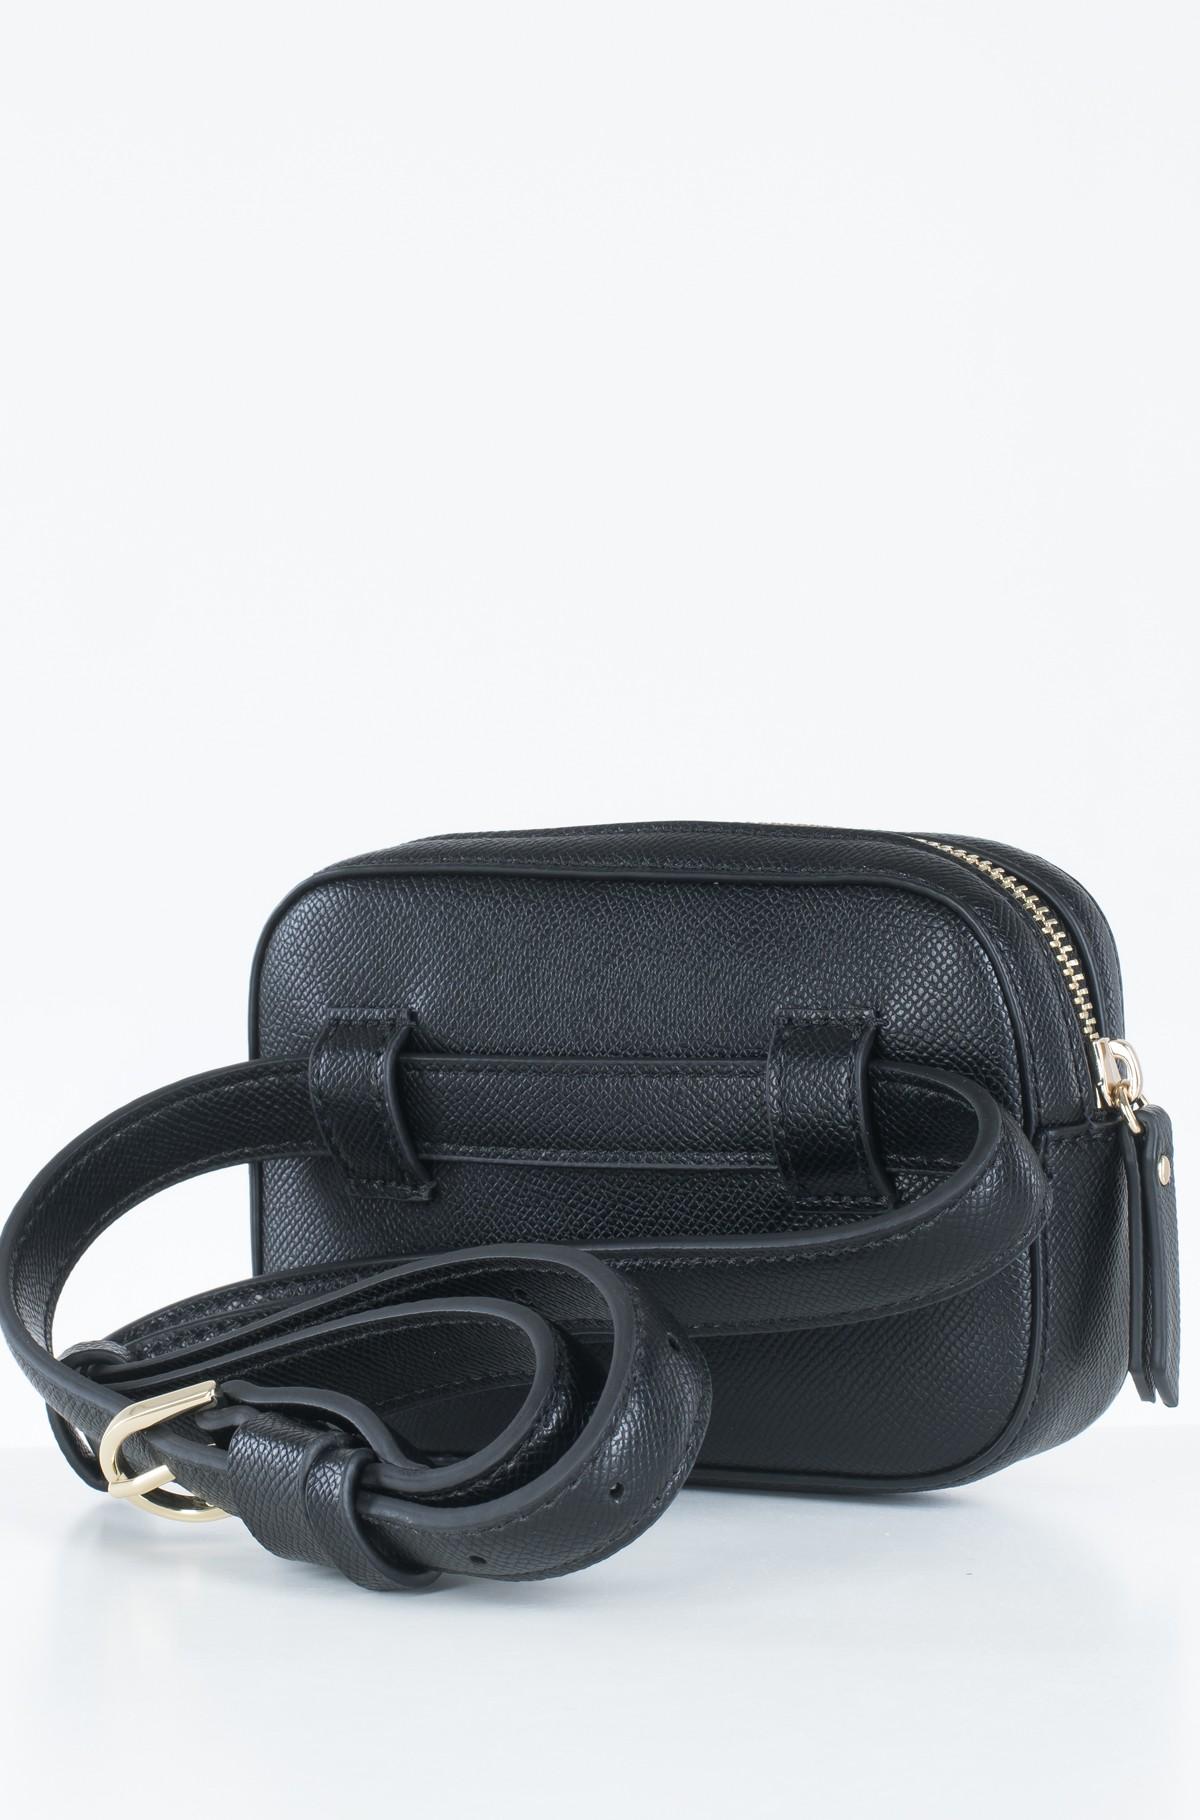 Bum bag CLASSIC SAFFIANO BUMBAG-full-3